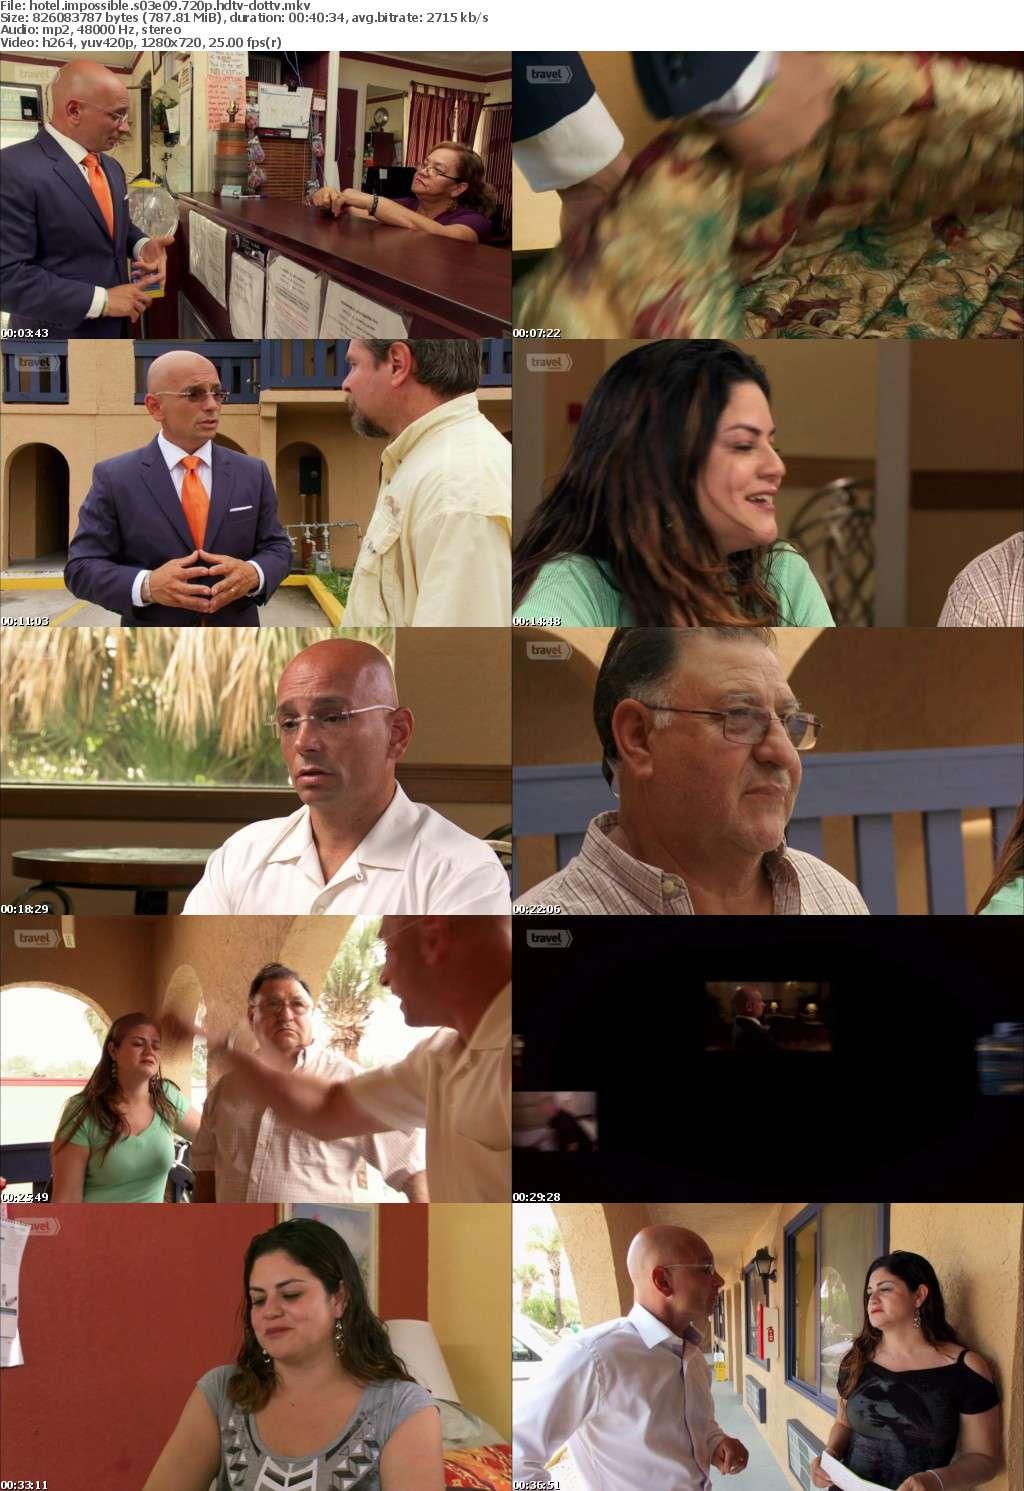 Hotel Impossible S03E09 720p HDTV x264-dotTV